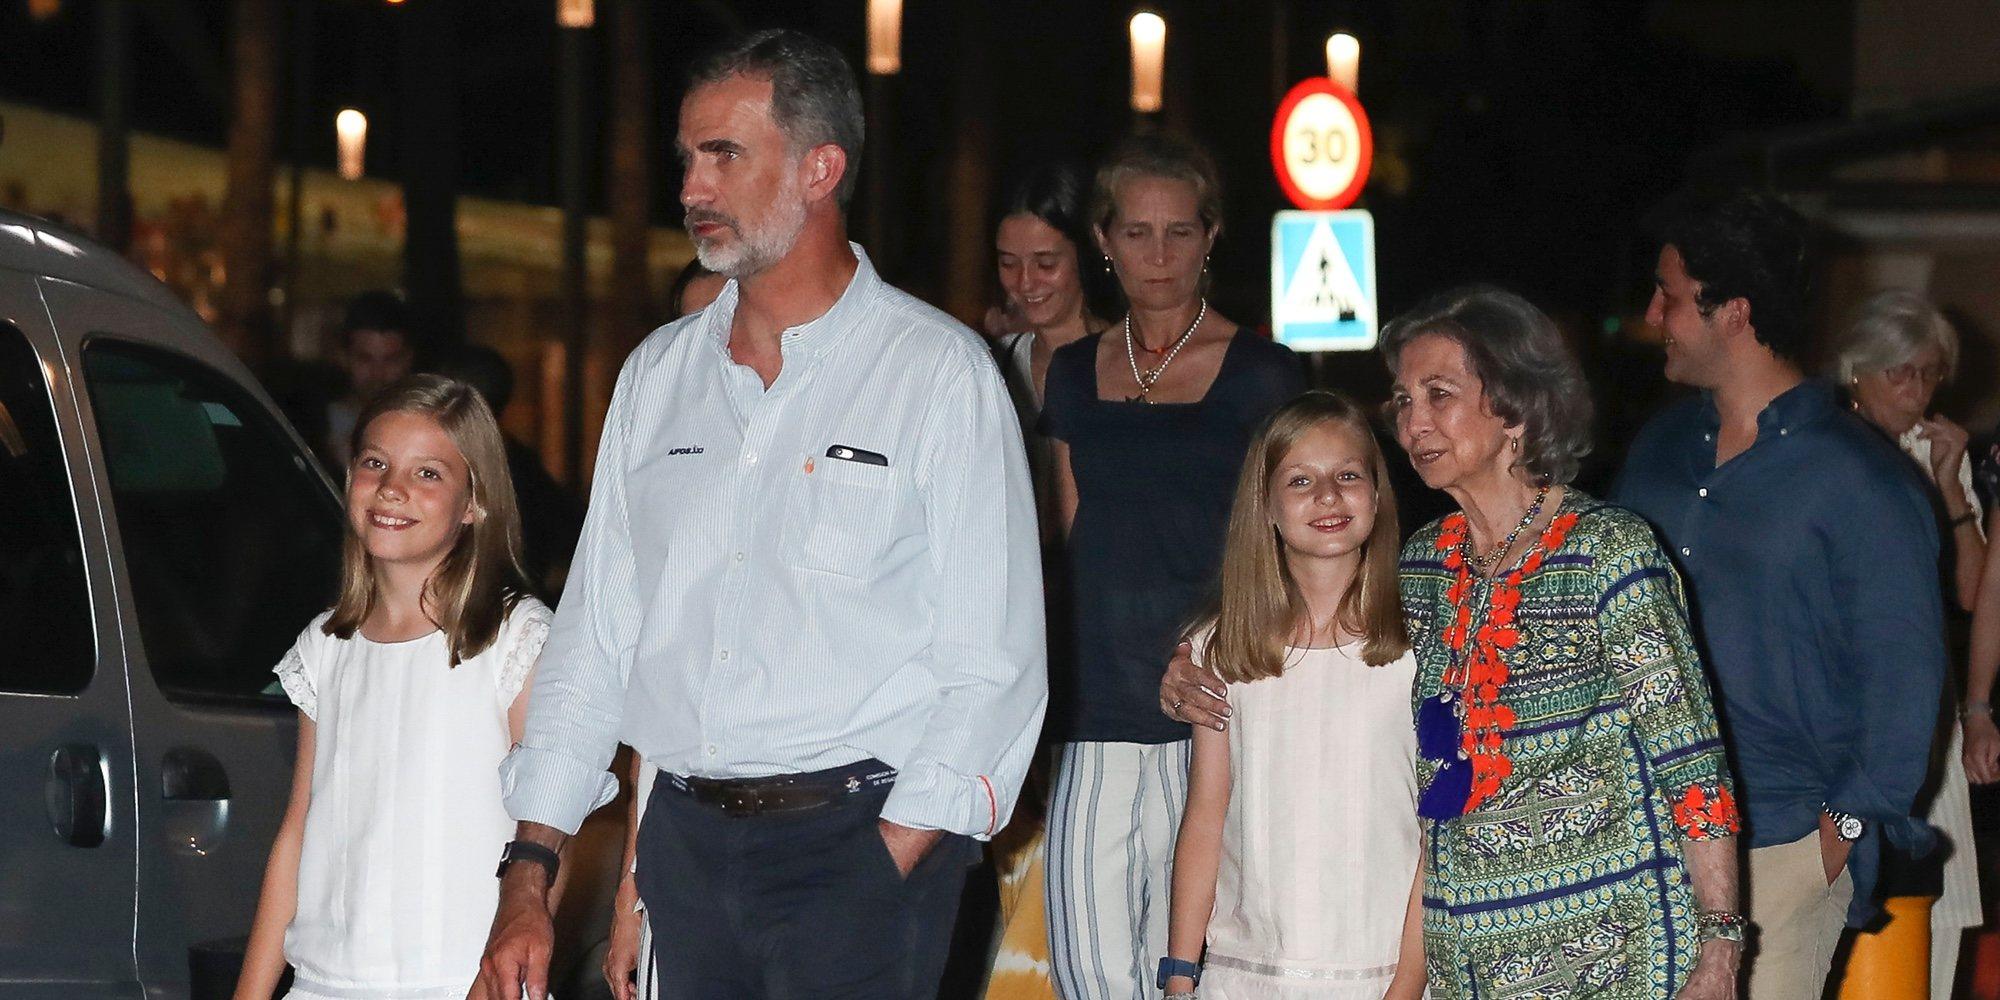 La reaparición de Froilán y la felicidad de la Infanta Sofía marcan la cena de la Familia Real tras la Copa del Rey de Vela